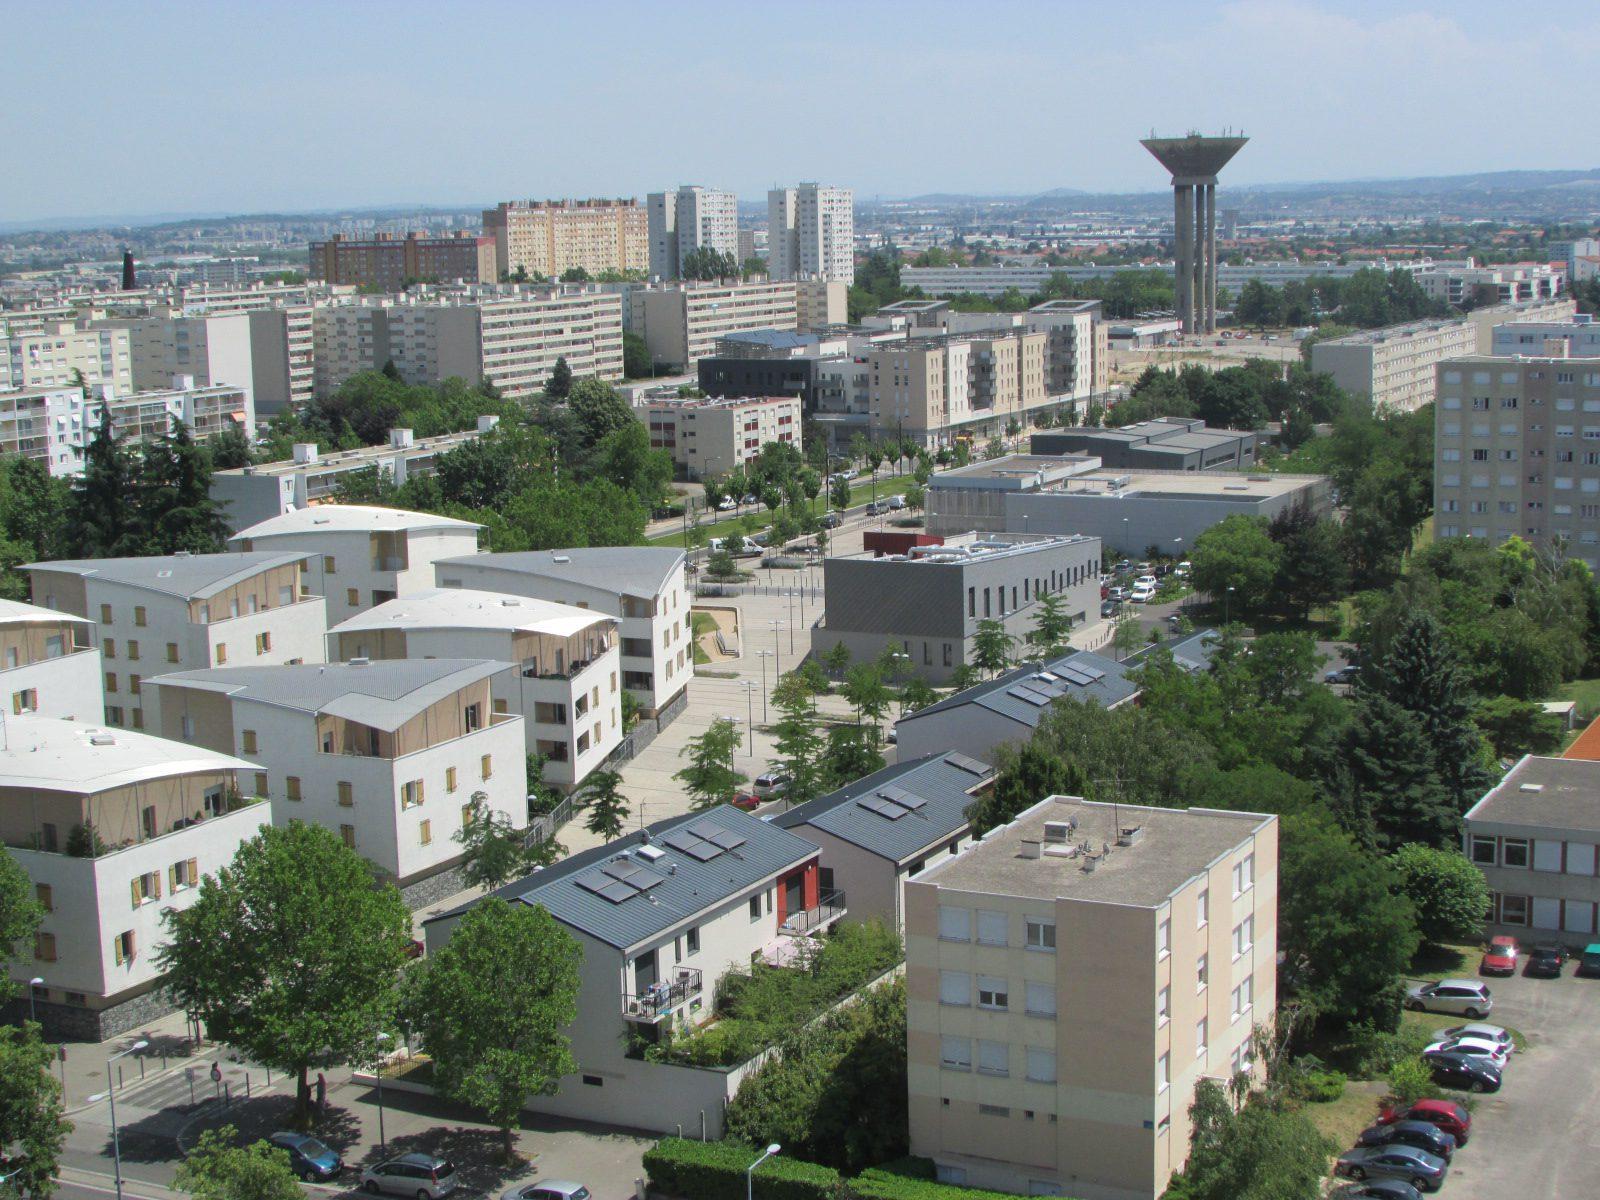 rénovation urbaine ou renouvellement urbain